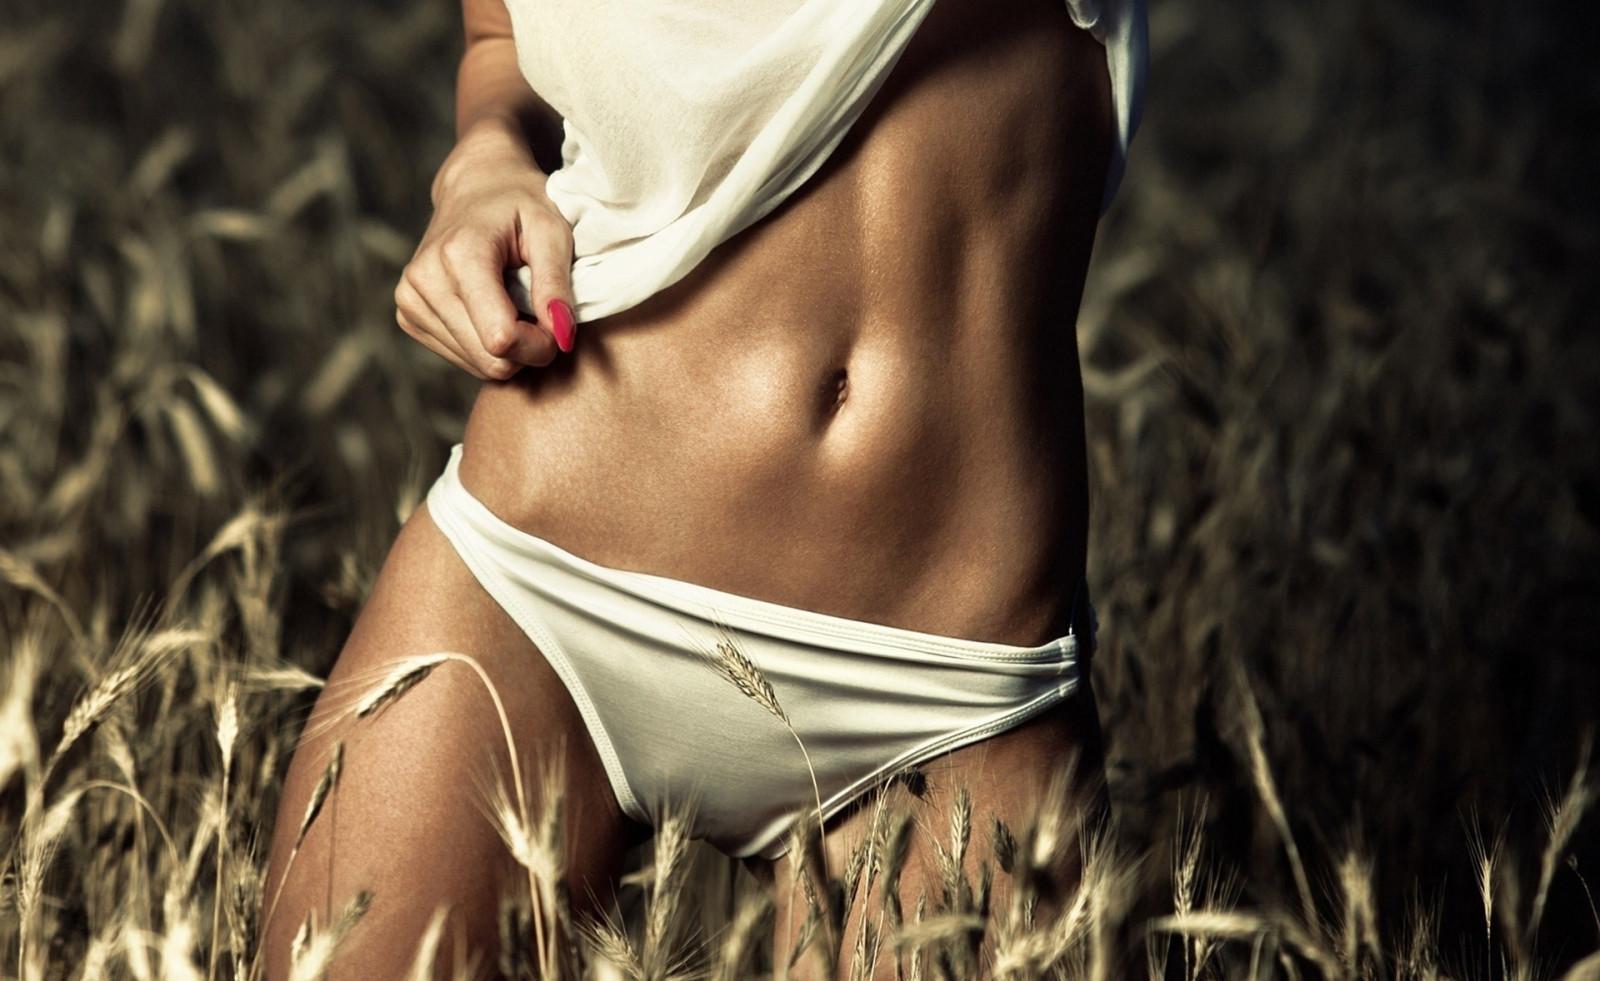 у девушек красивые тела - 6